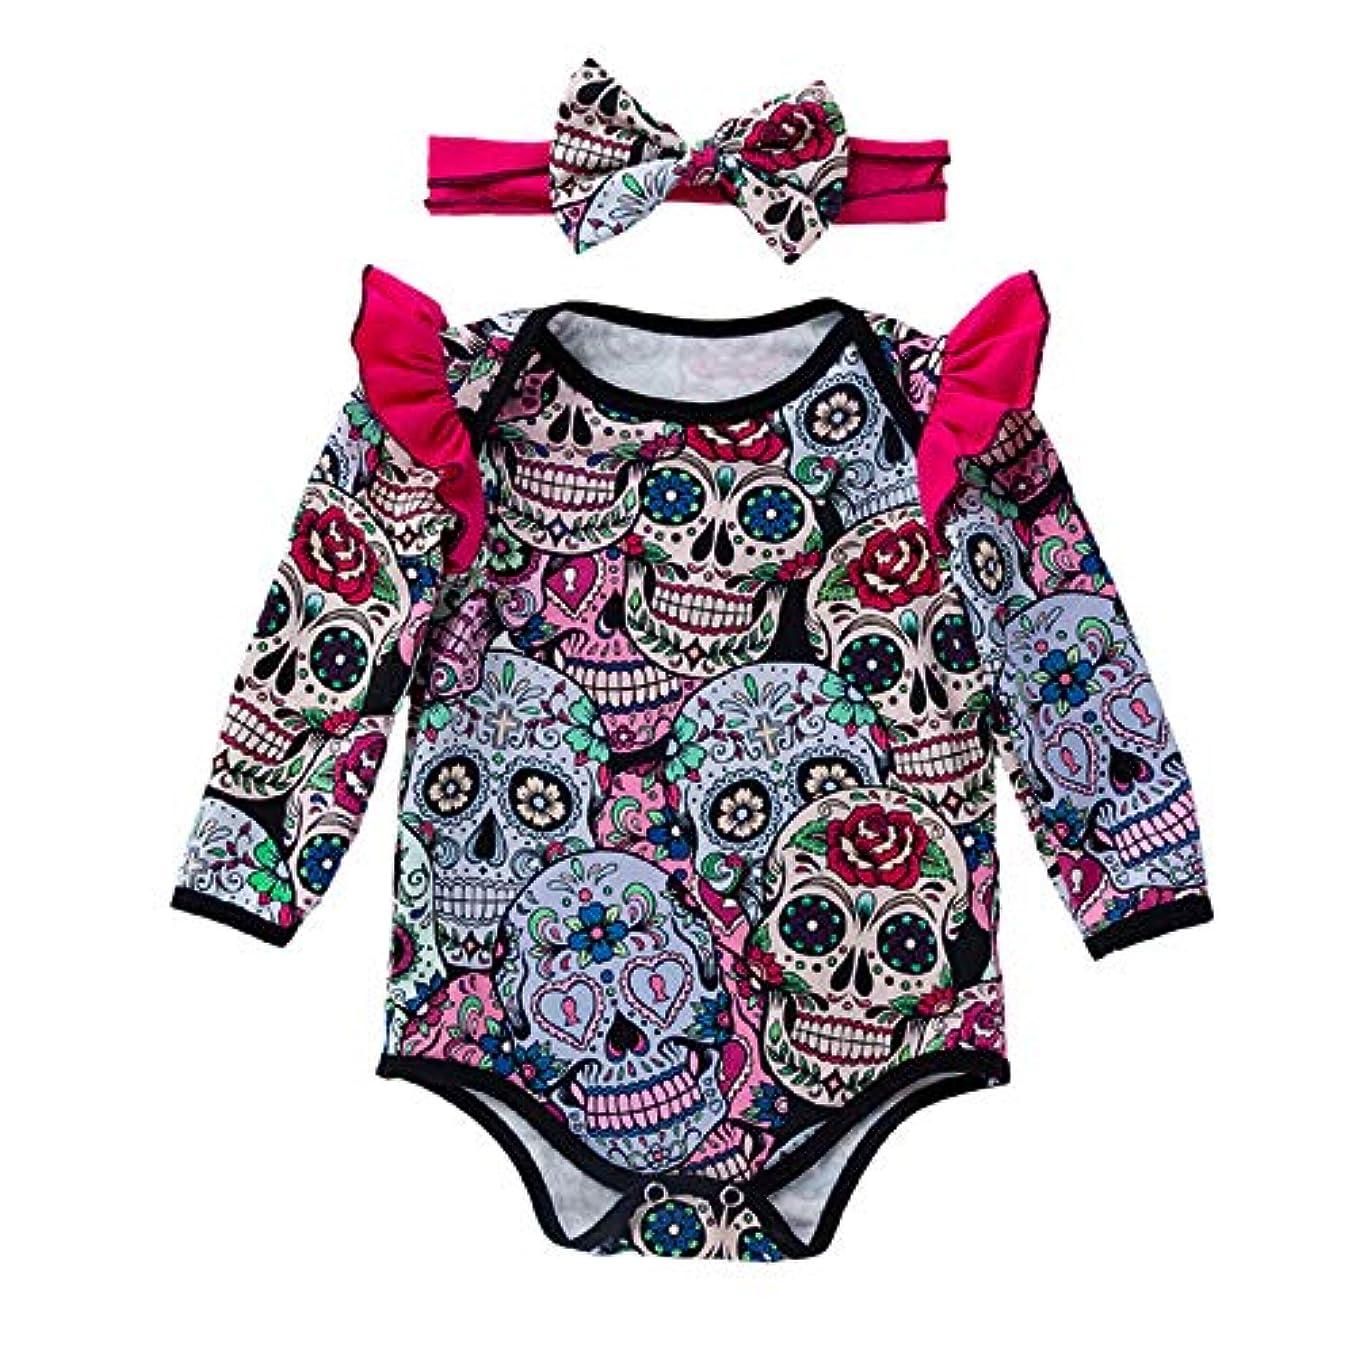 熱帯のコントローラ波紋YukeBaby 0-2歳の子供のジャンプスーツ ハロウィンクリスマス ジャンプスーツ+ヘッドバンド (レッド, 3ヶ月)